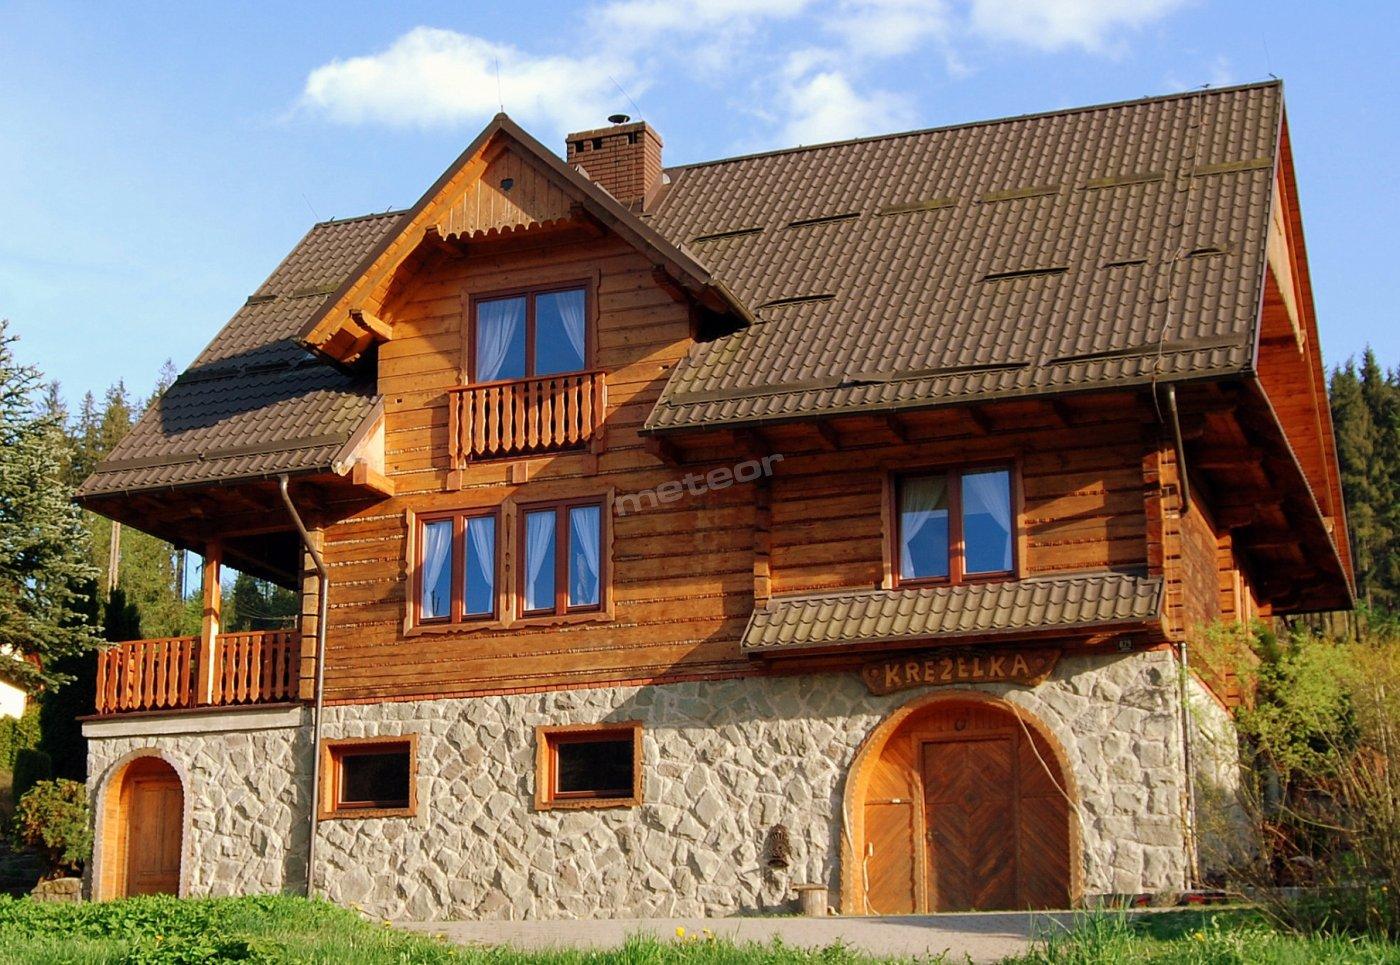 Villa Krężelka